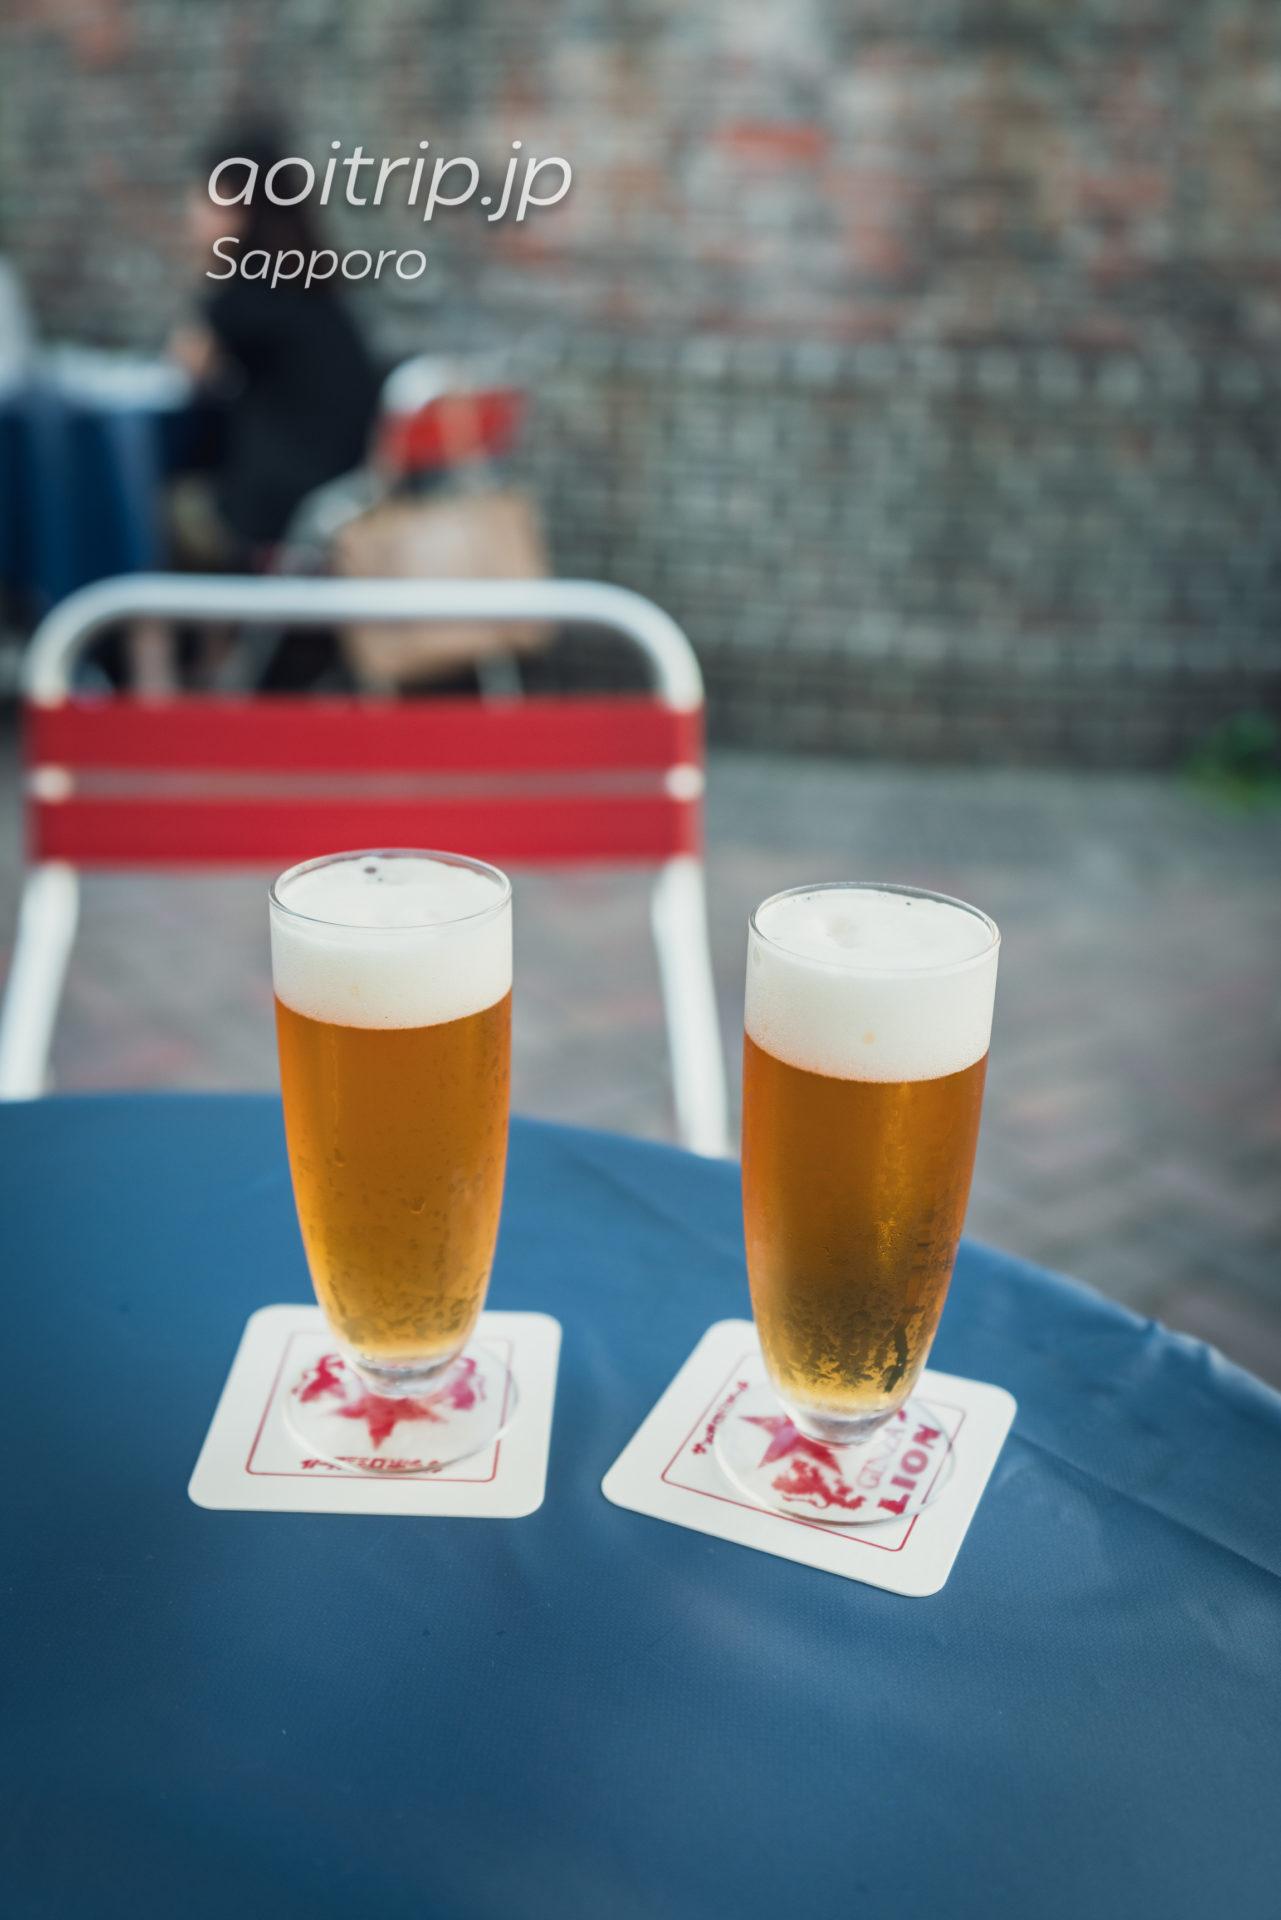 札幌 開拓使麦酒賣捌所の生ビール